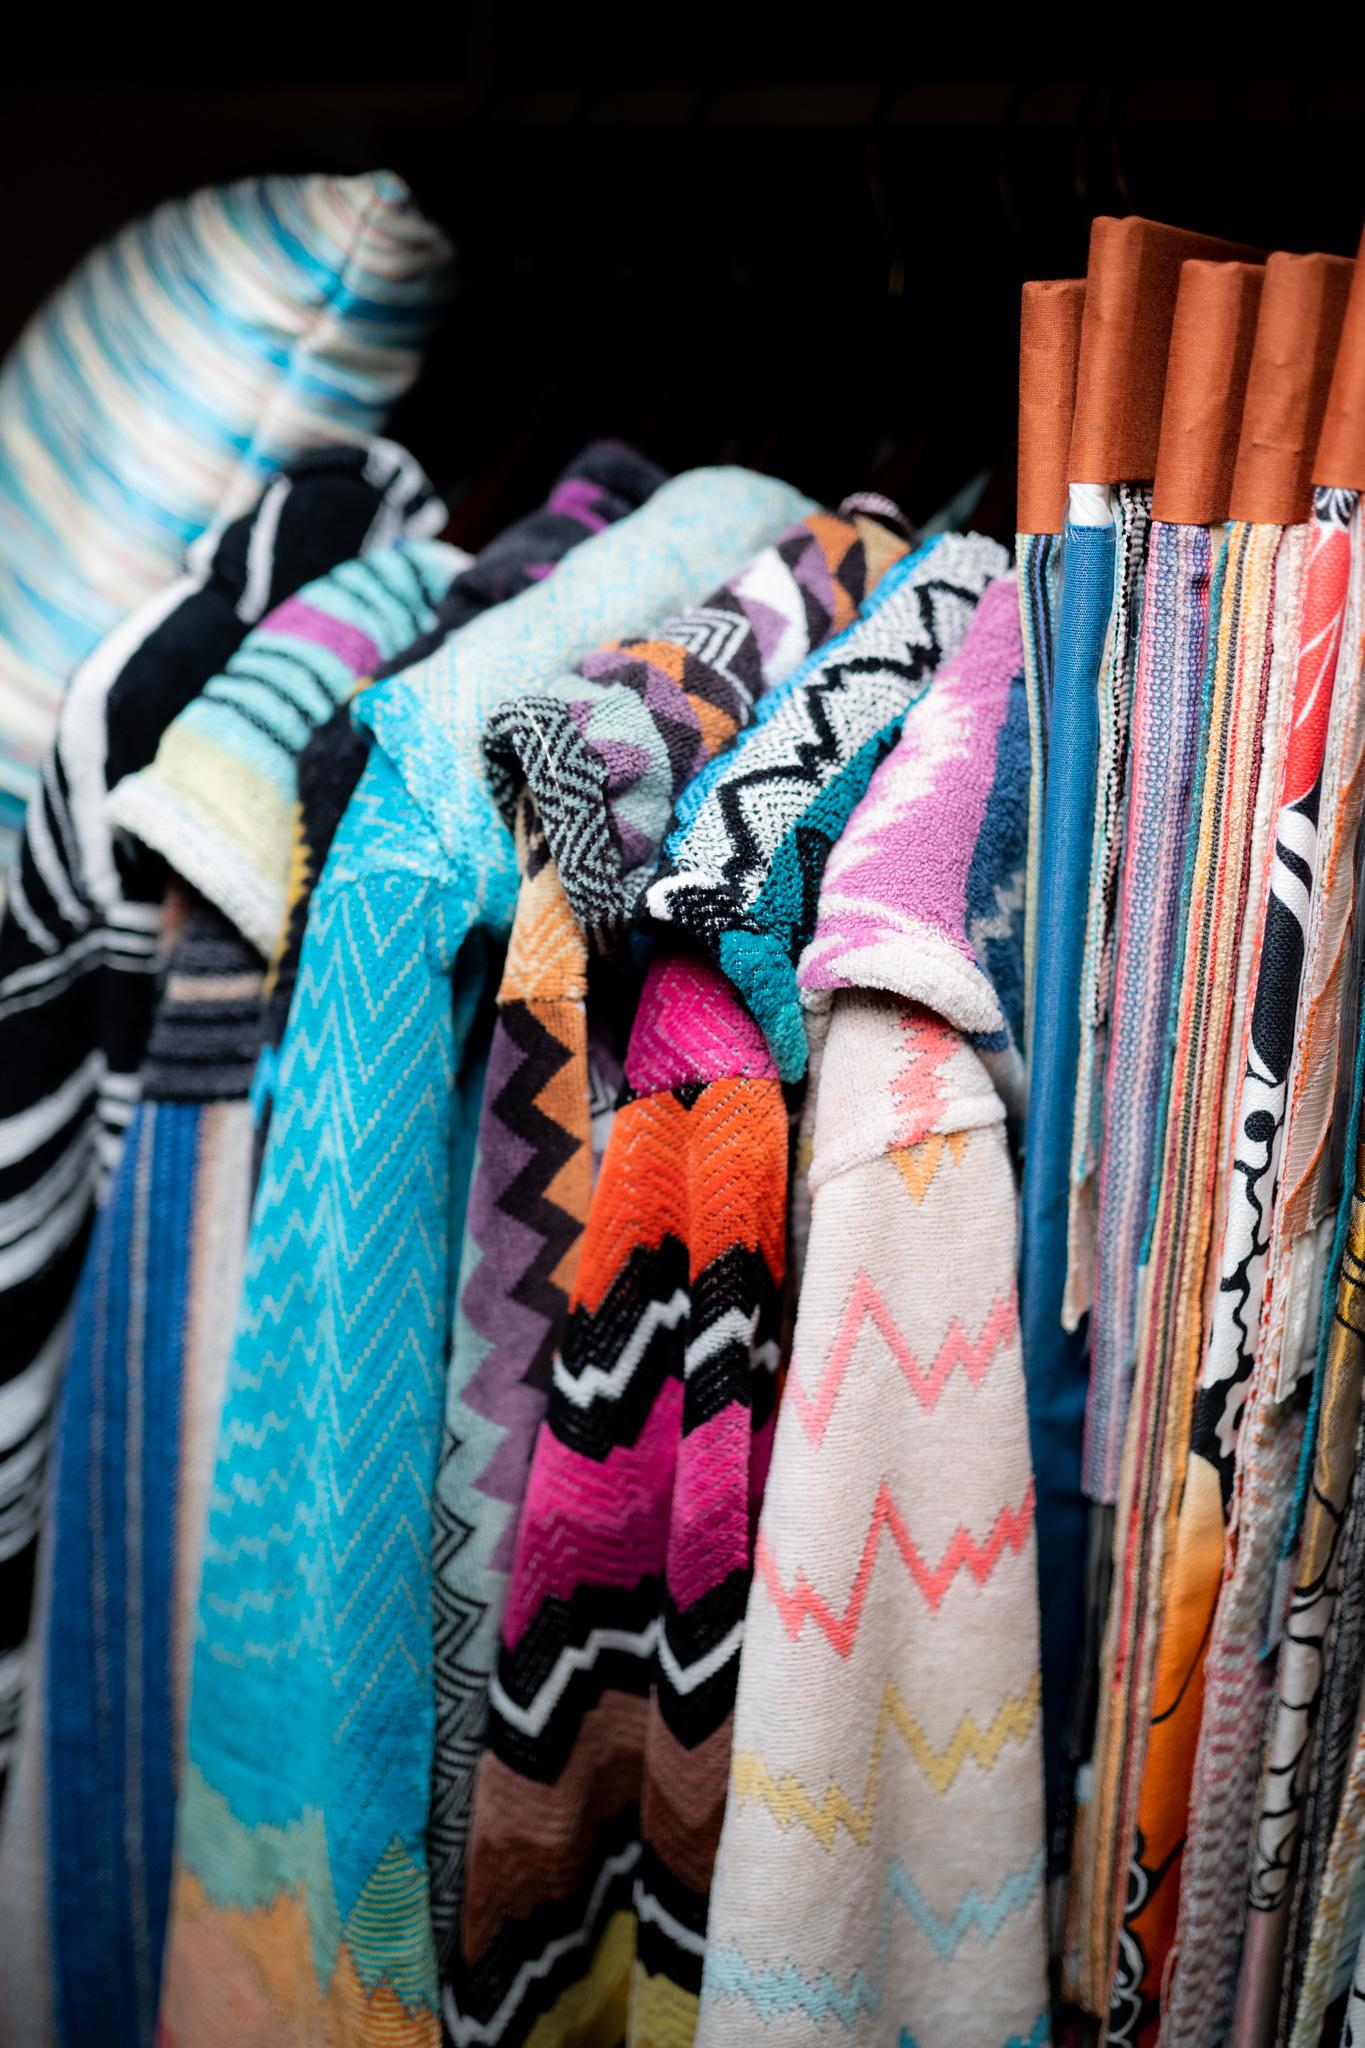 Халаты и ткани из коллекций MissoniHome в галерее Mobillissimi